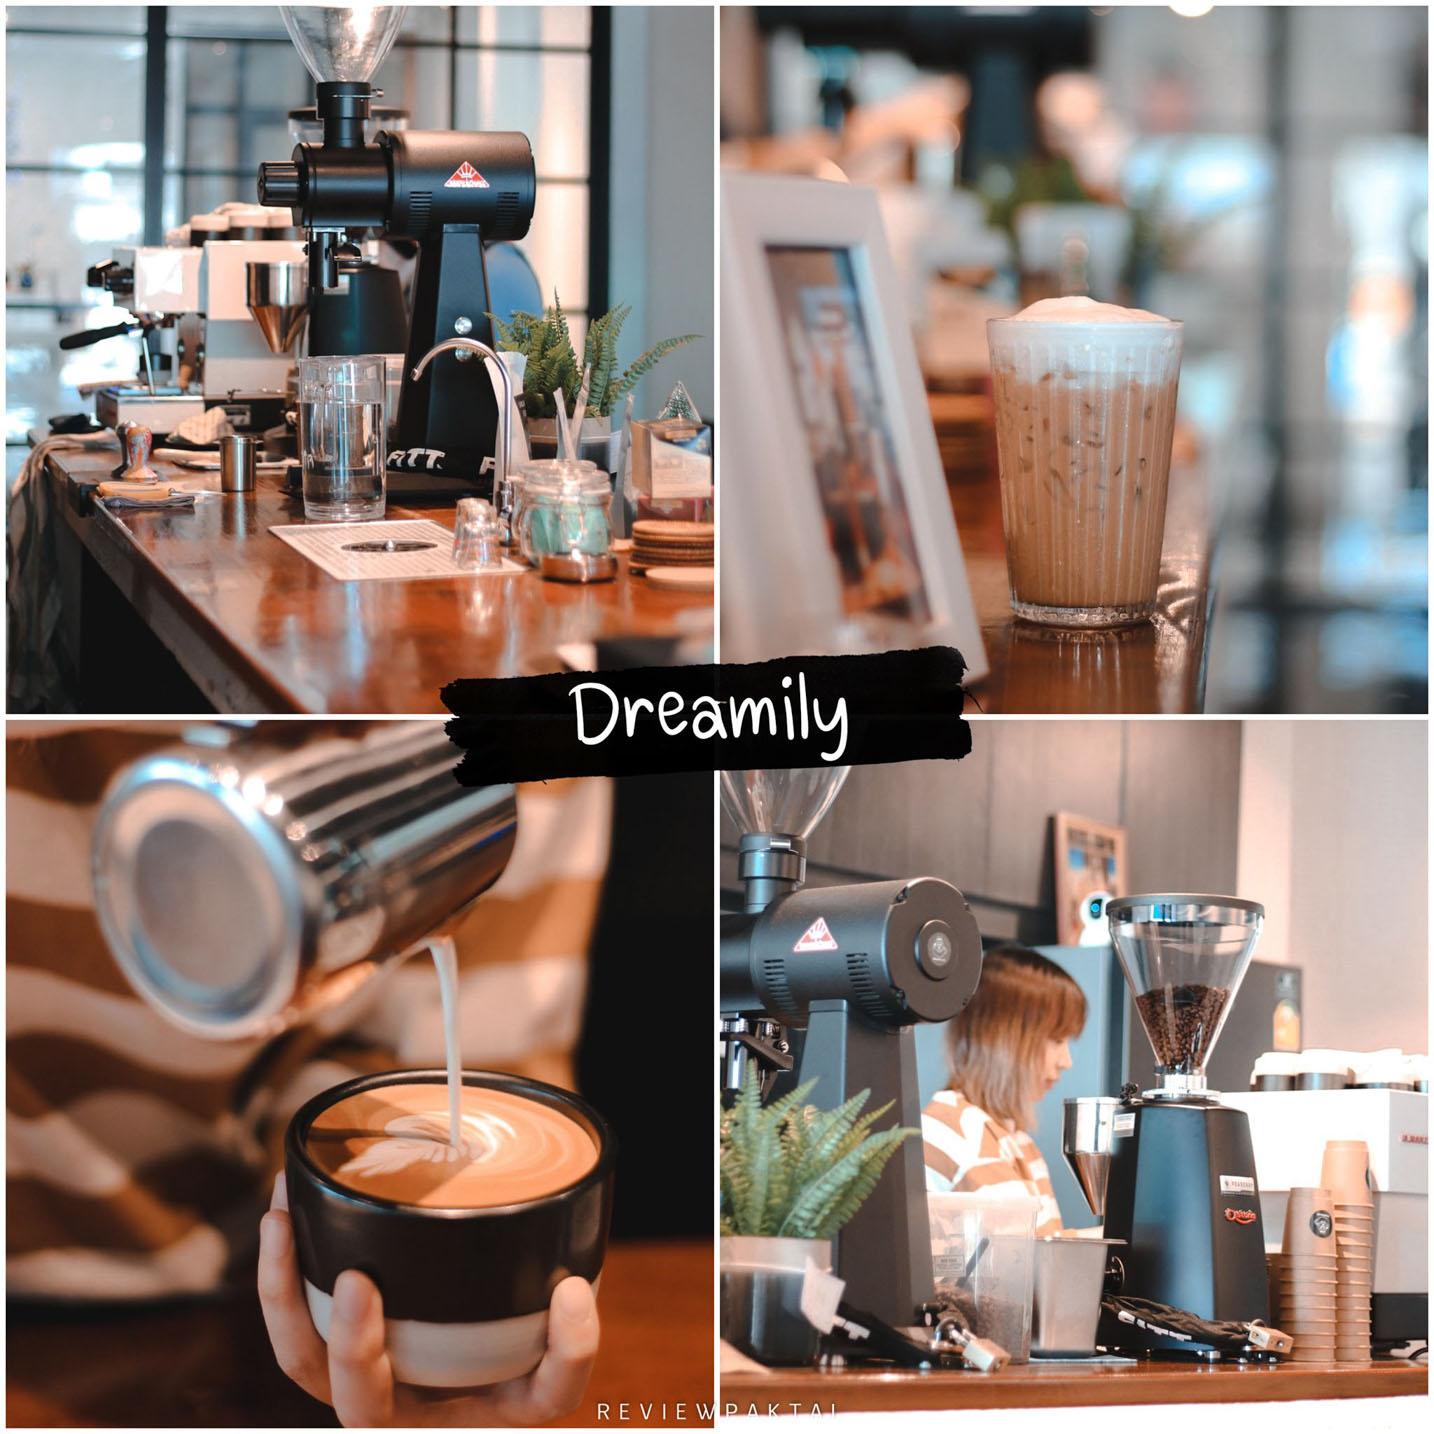 Dreamilycoffeebar สายนั่งคุยกับเพื่อน นั่งชิลเรื่อยๆได้ทั้งวัน โทนร้านขาวดำบรรยากาศดี กาแฟอร่อย ต้องร้านนี้เลย